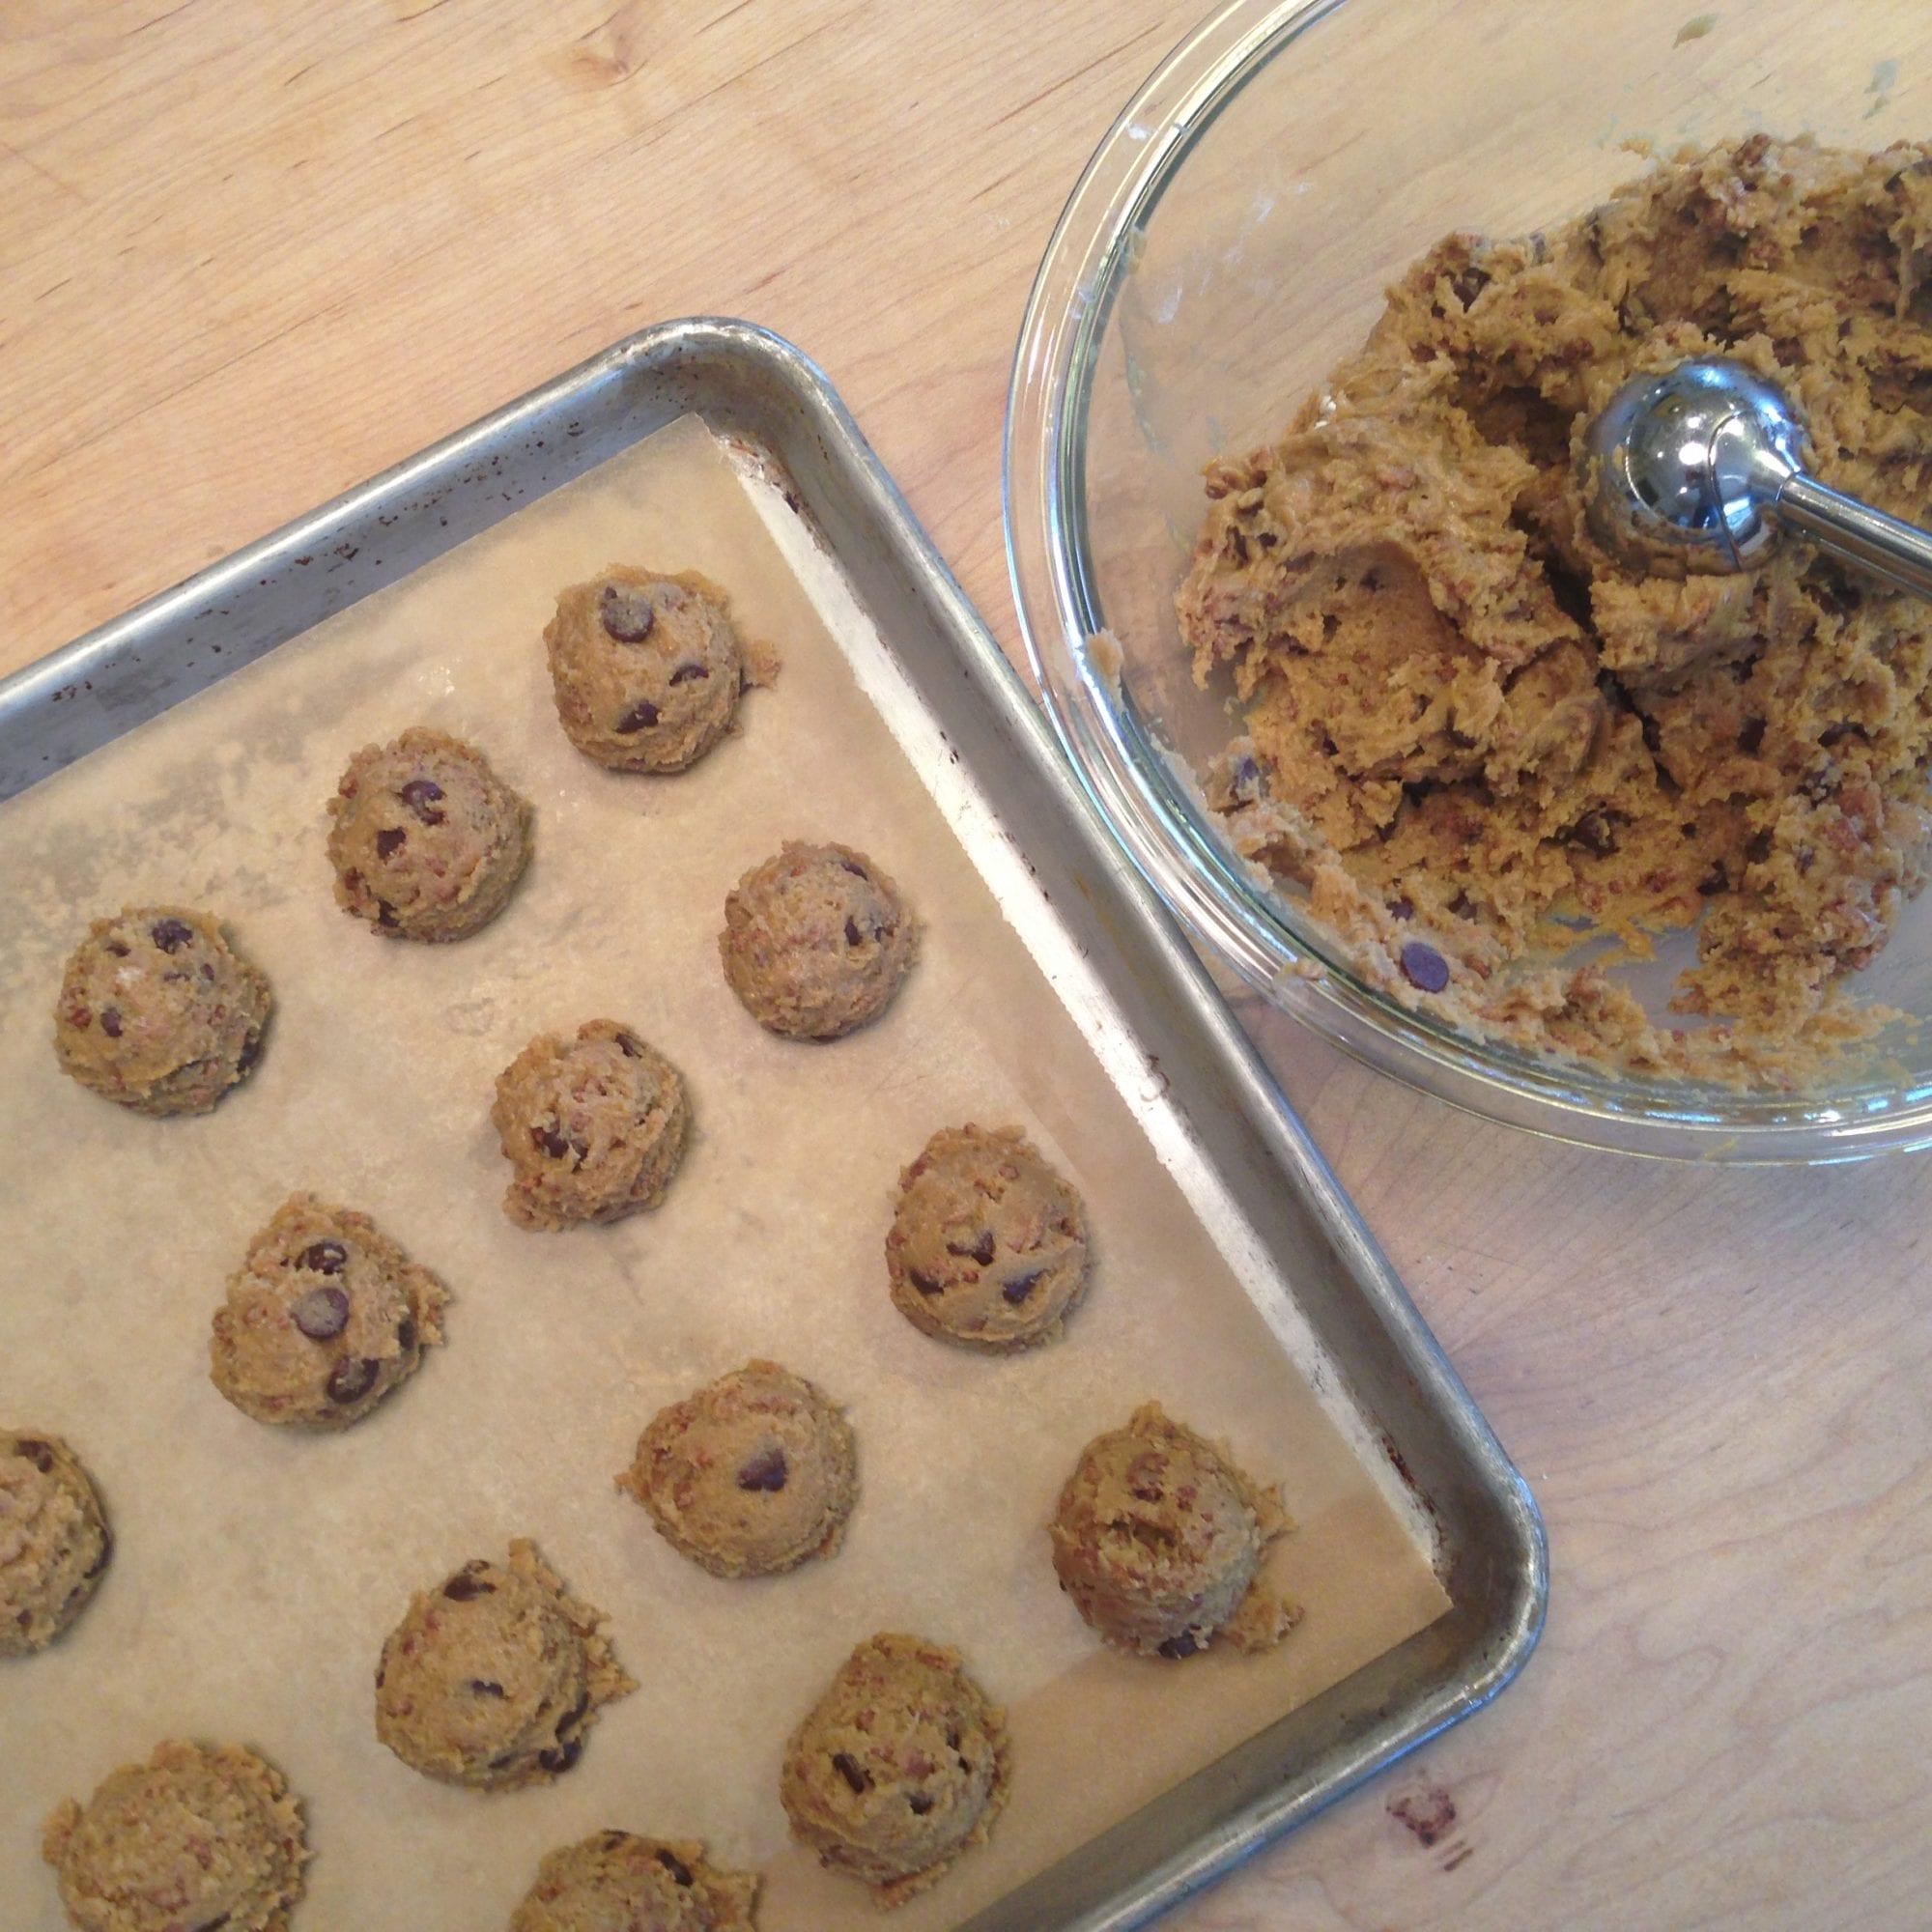 Scooping Cookie Batter Onto Baking Sheet   Jessie Sheehan Bakes